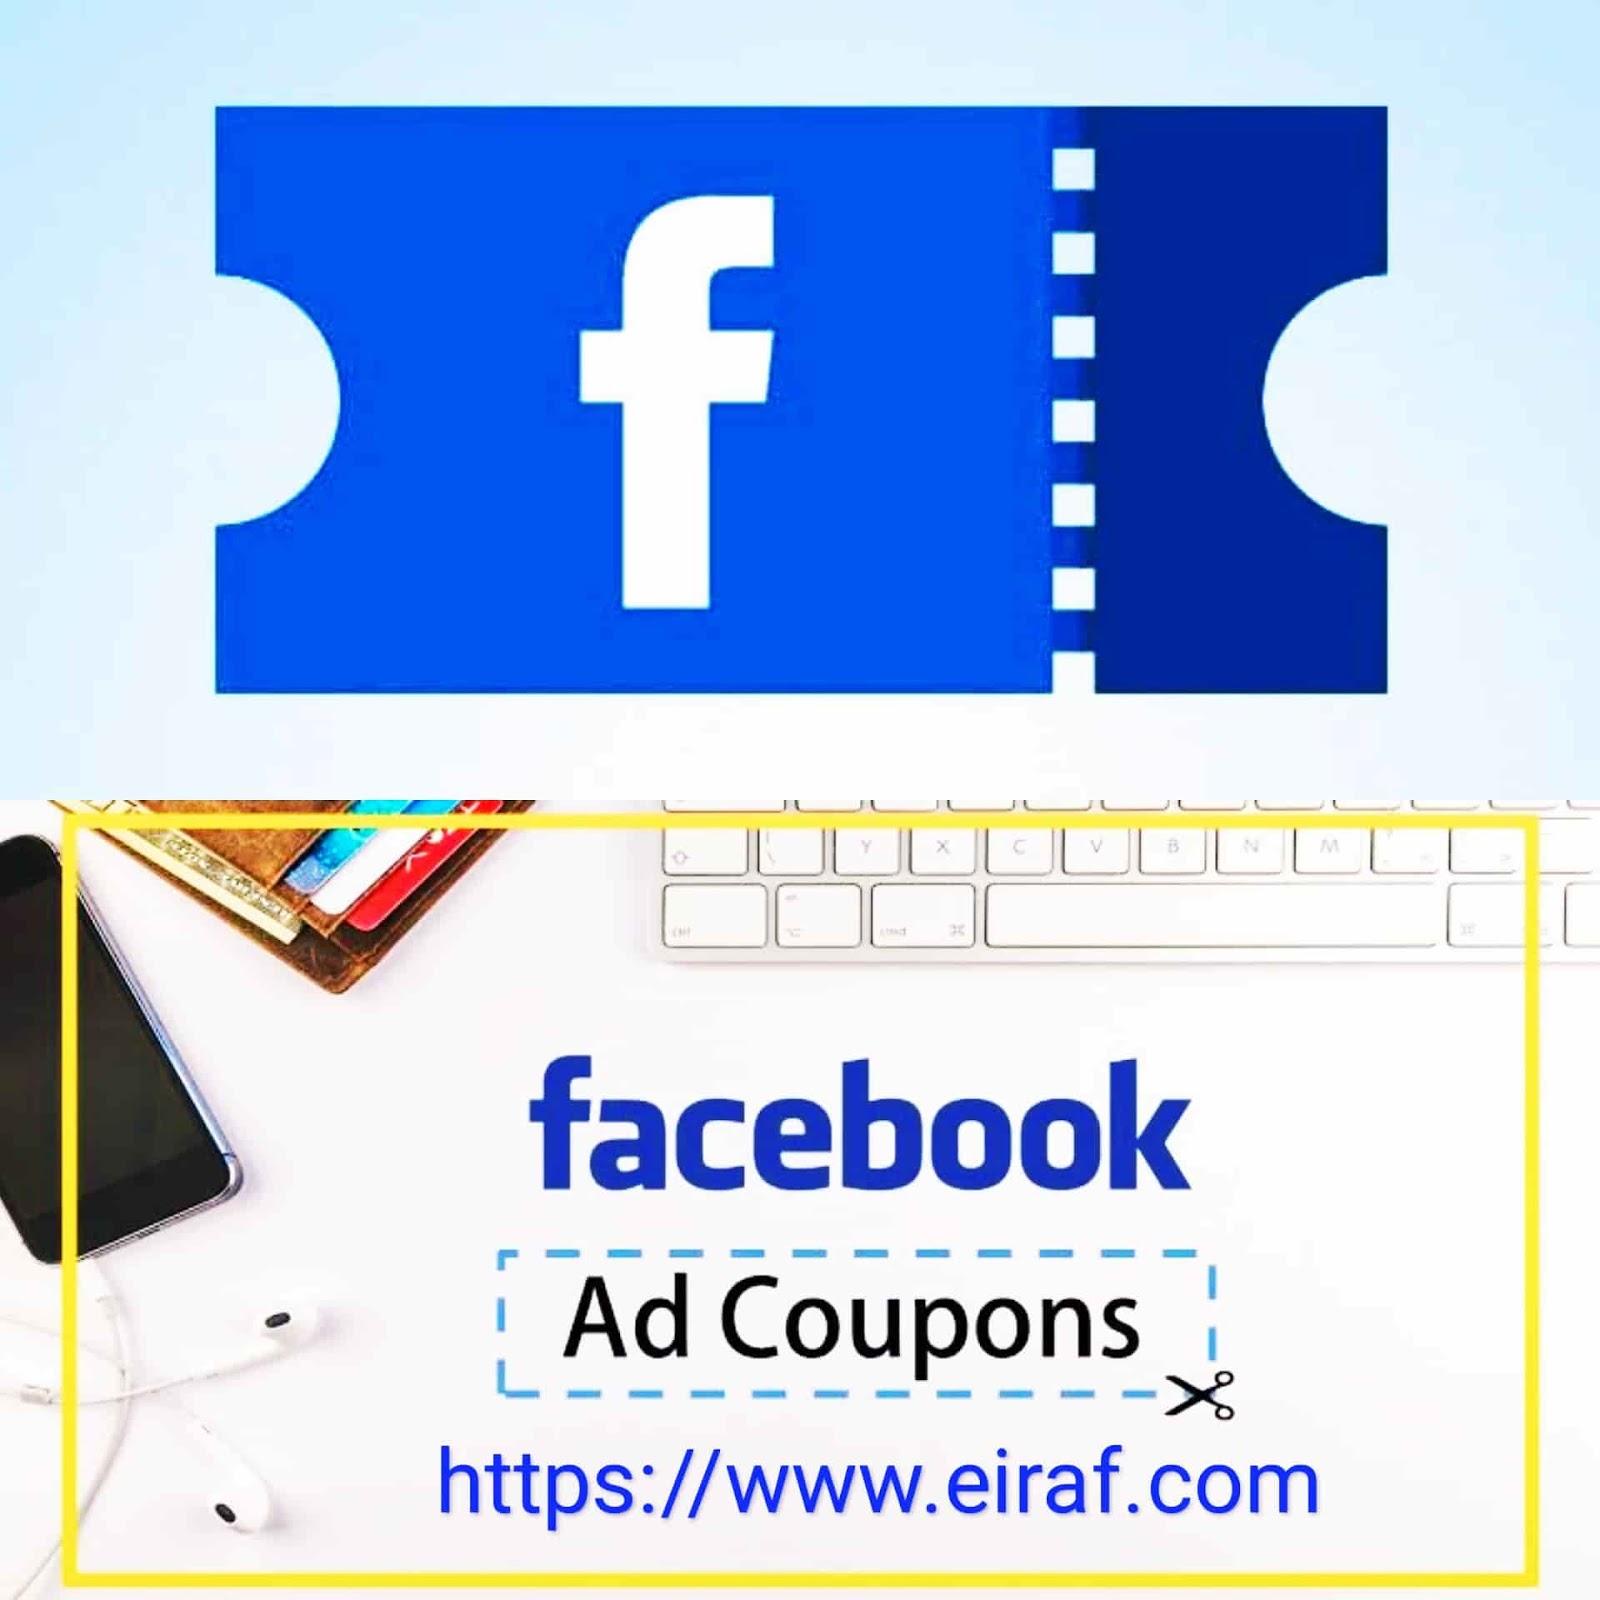 طريقة الحصول قسائم فيسبوك مجانيه وعمل حمله اعلانيه بها